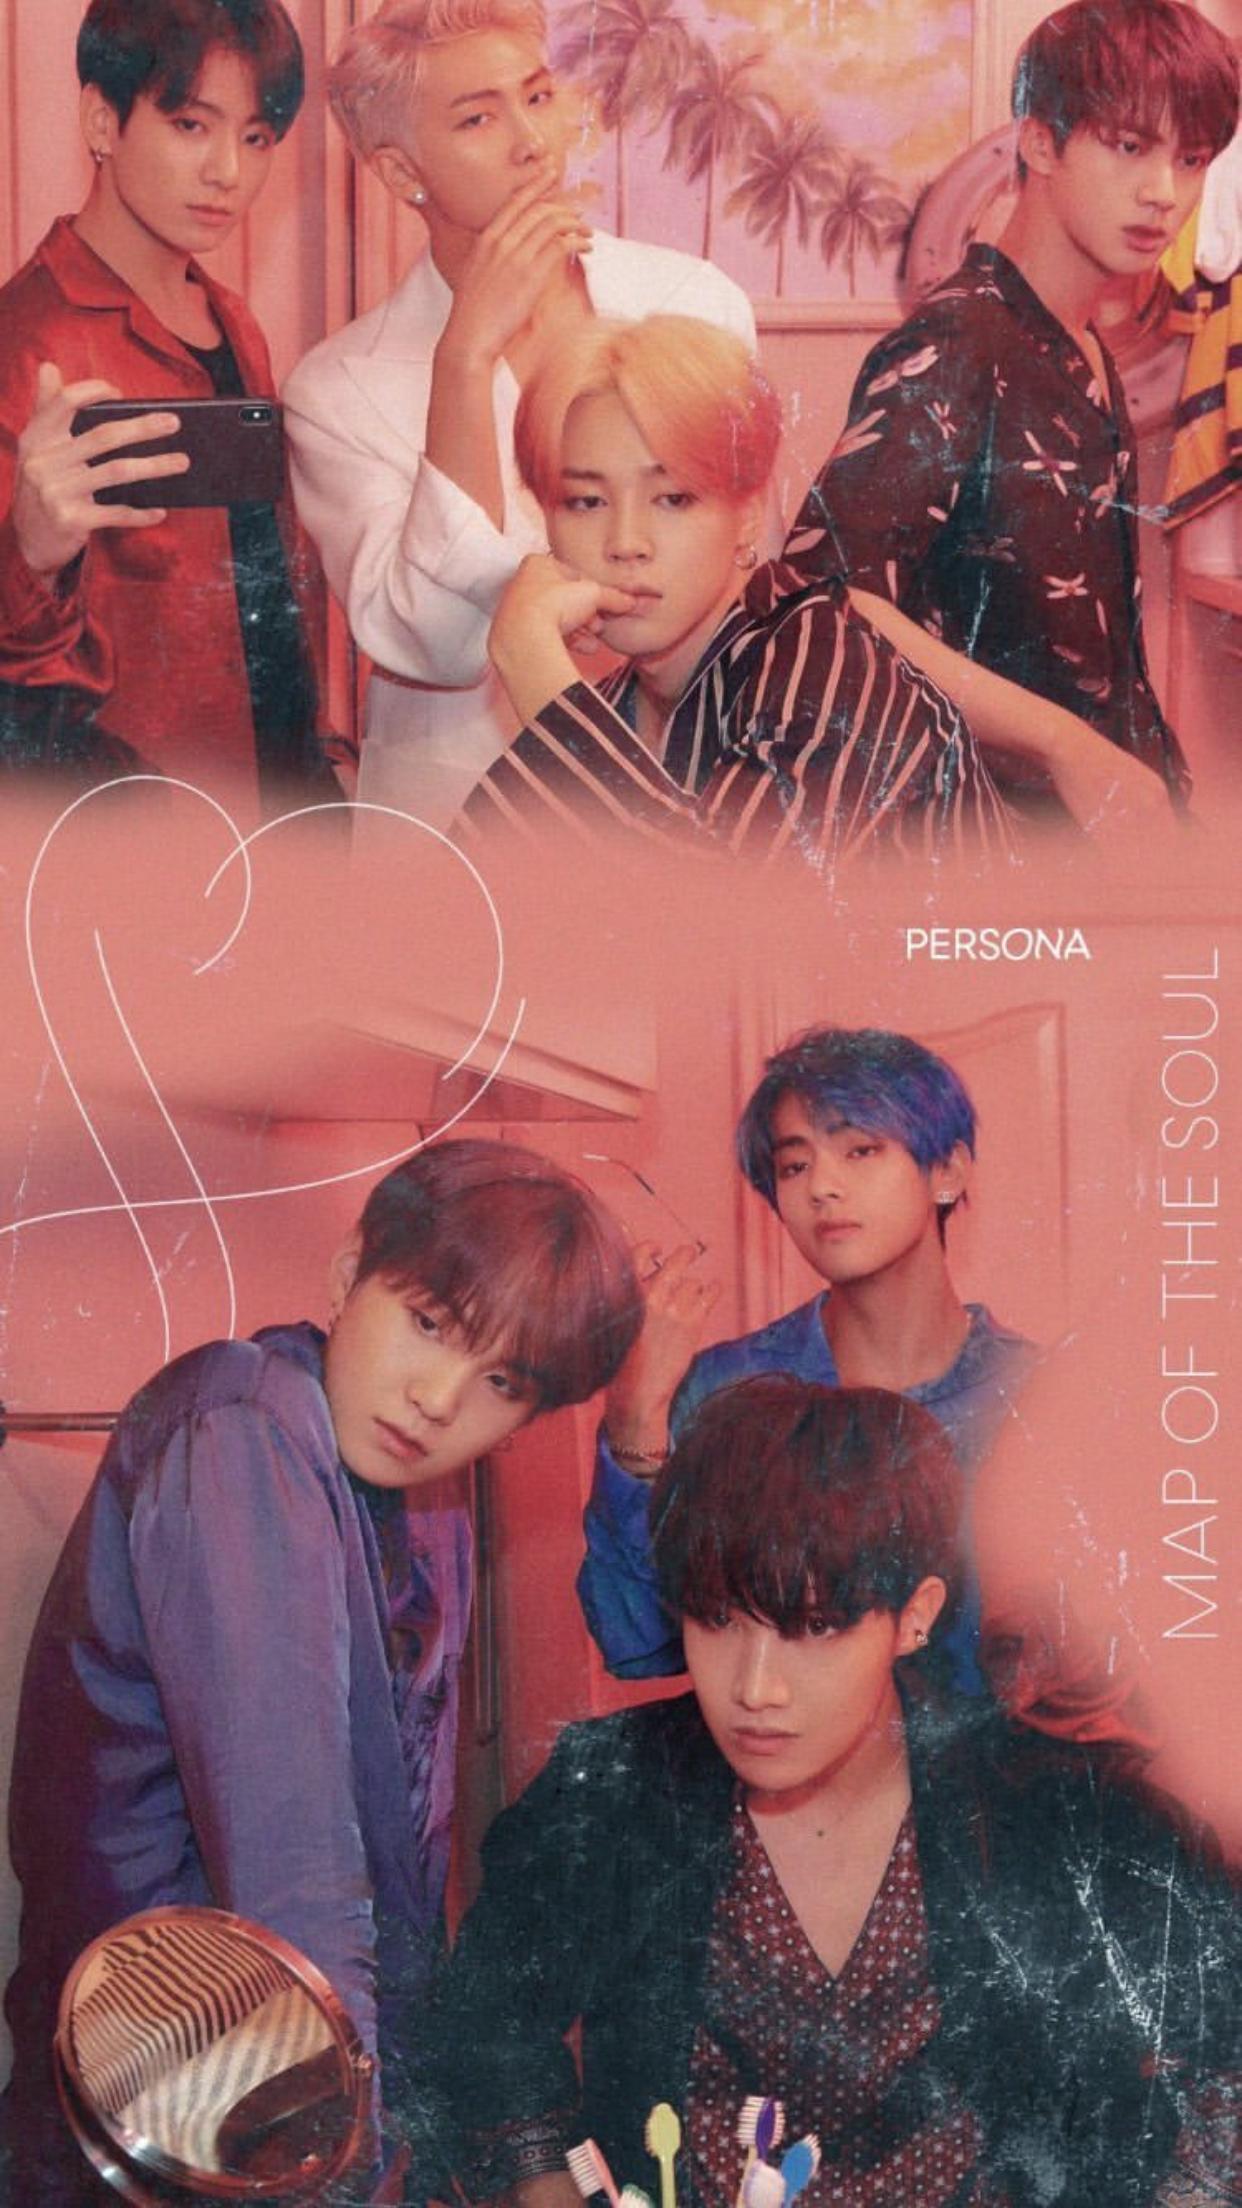 Bts Persona Wallpaper In 2019 Bts Wallpaper Bts